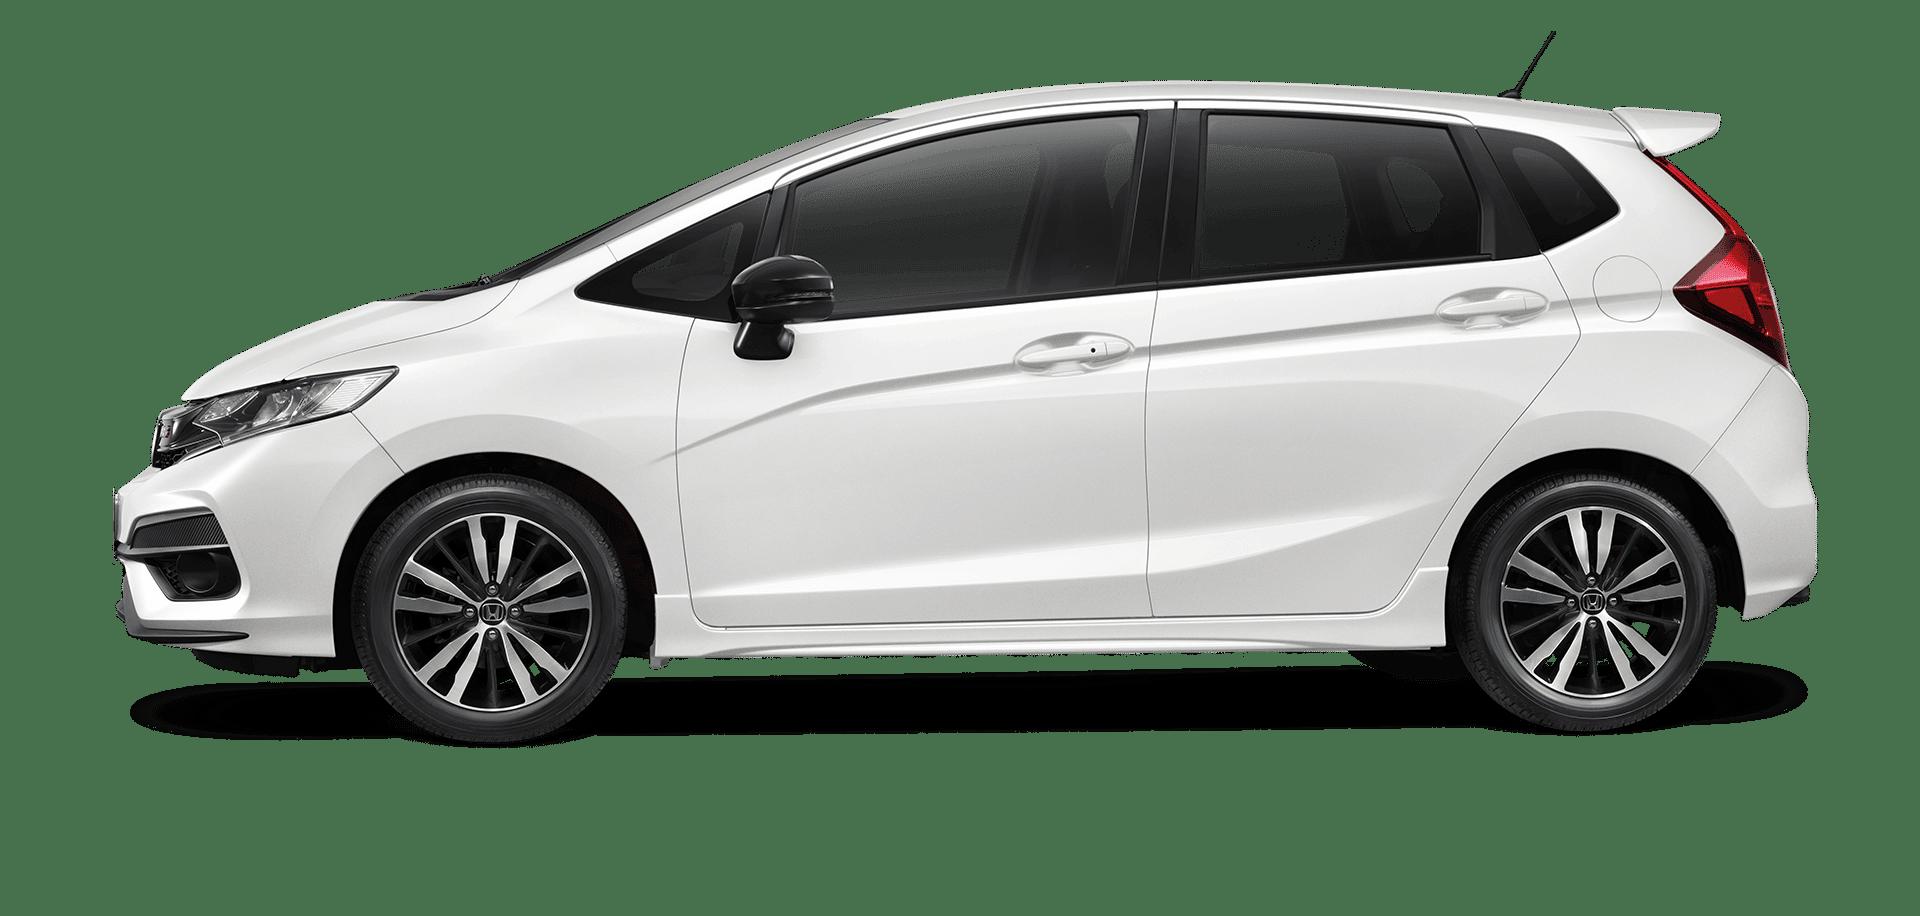 ขาวแพลทินัม (มุก) (เฉพาะรุ่น RS+ / RS) - Platinum White Pearl (NH-883P)